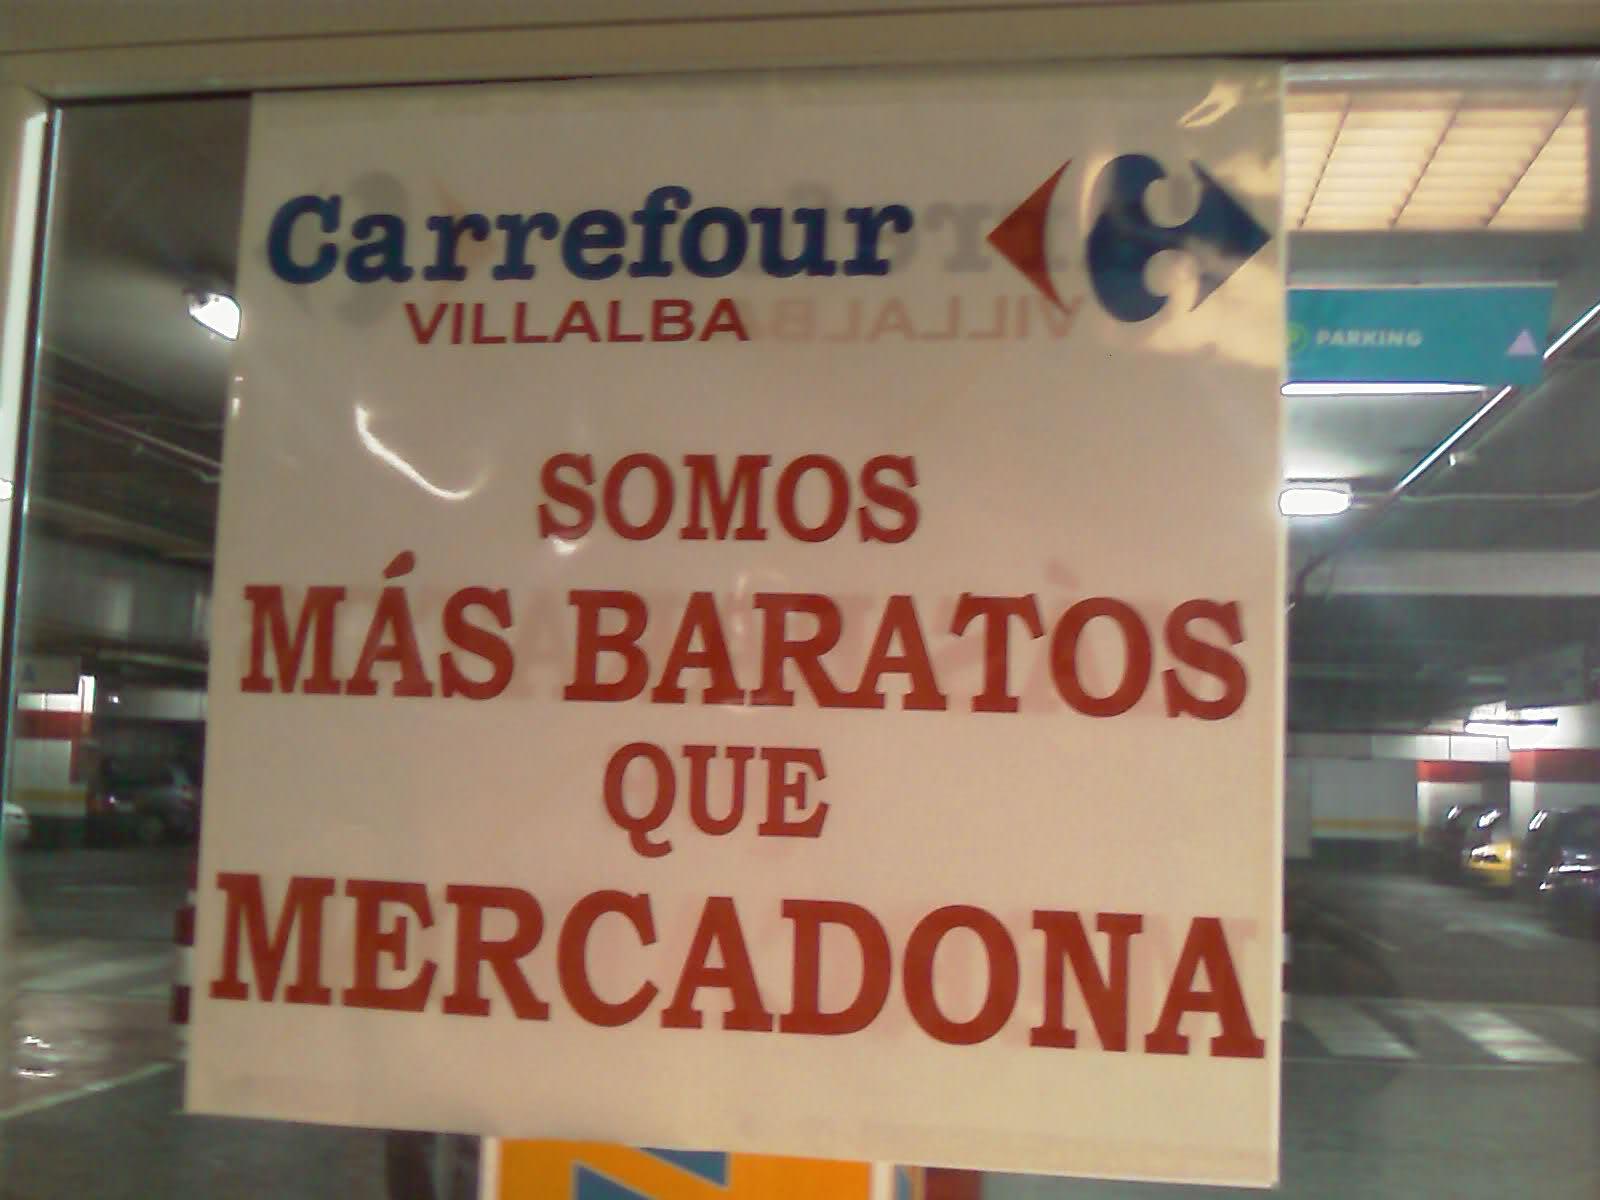 Guerra de precios ayudada con mensajes en los establecimientos